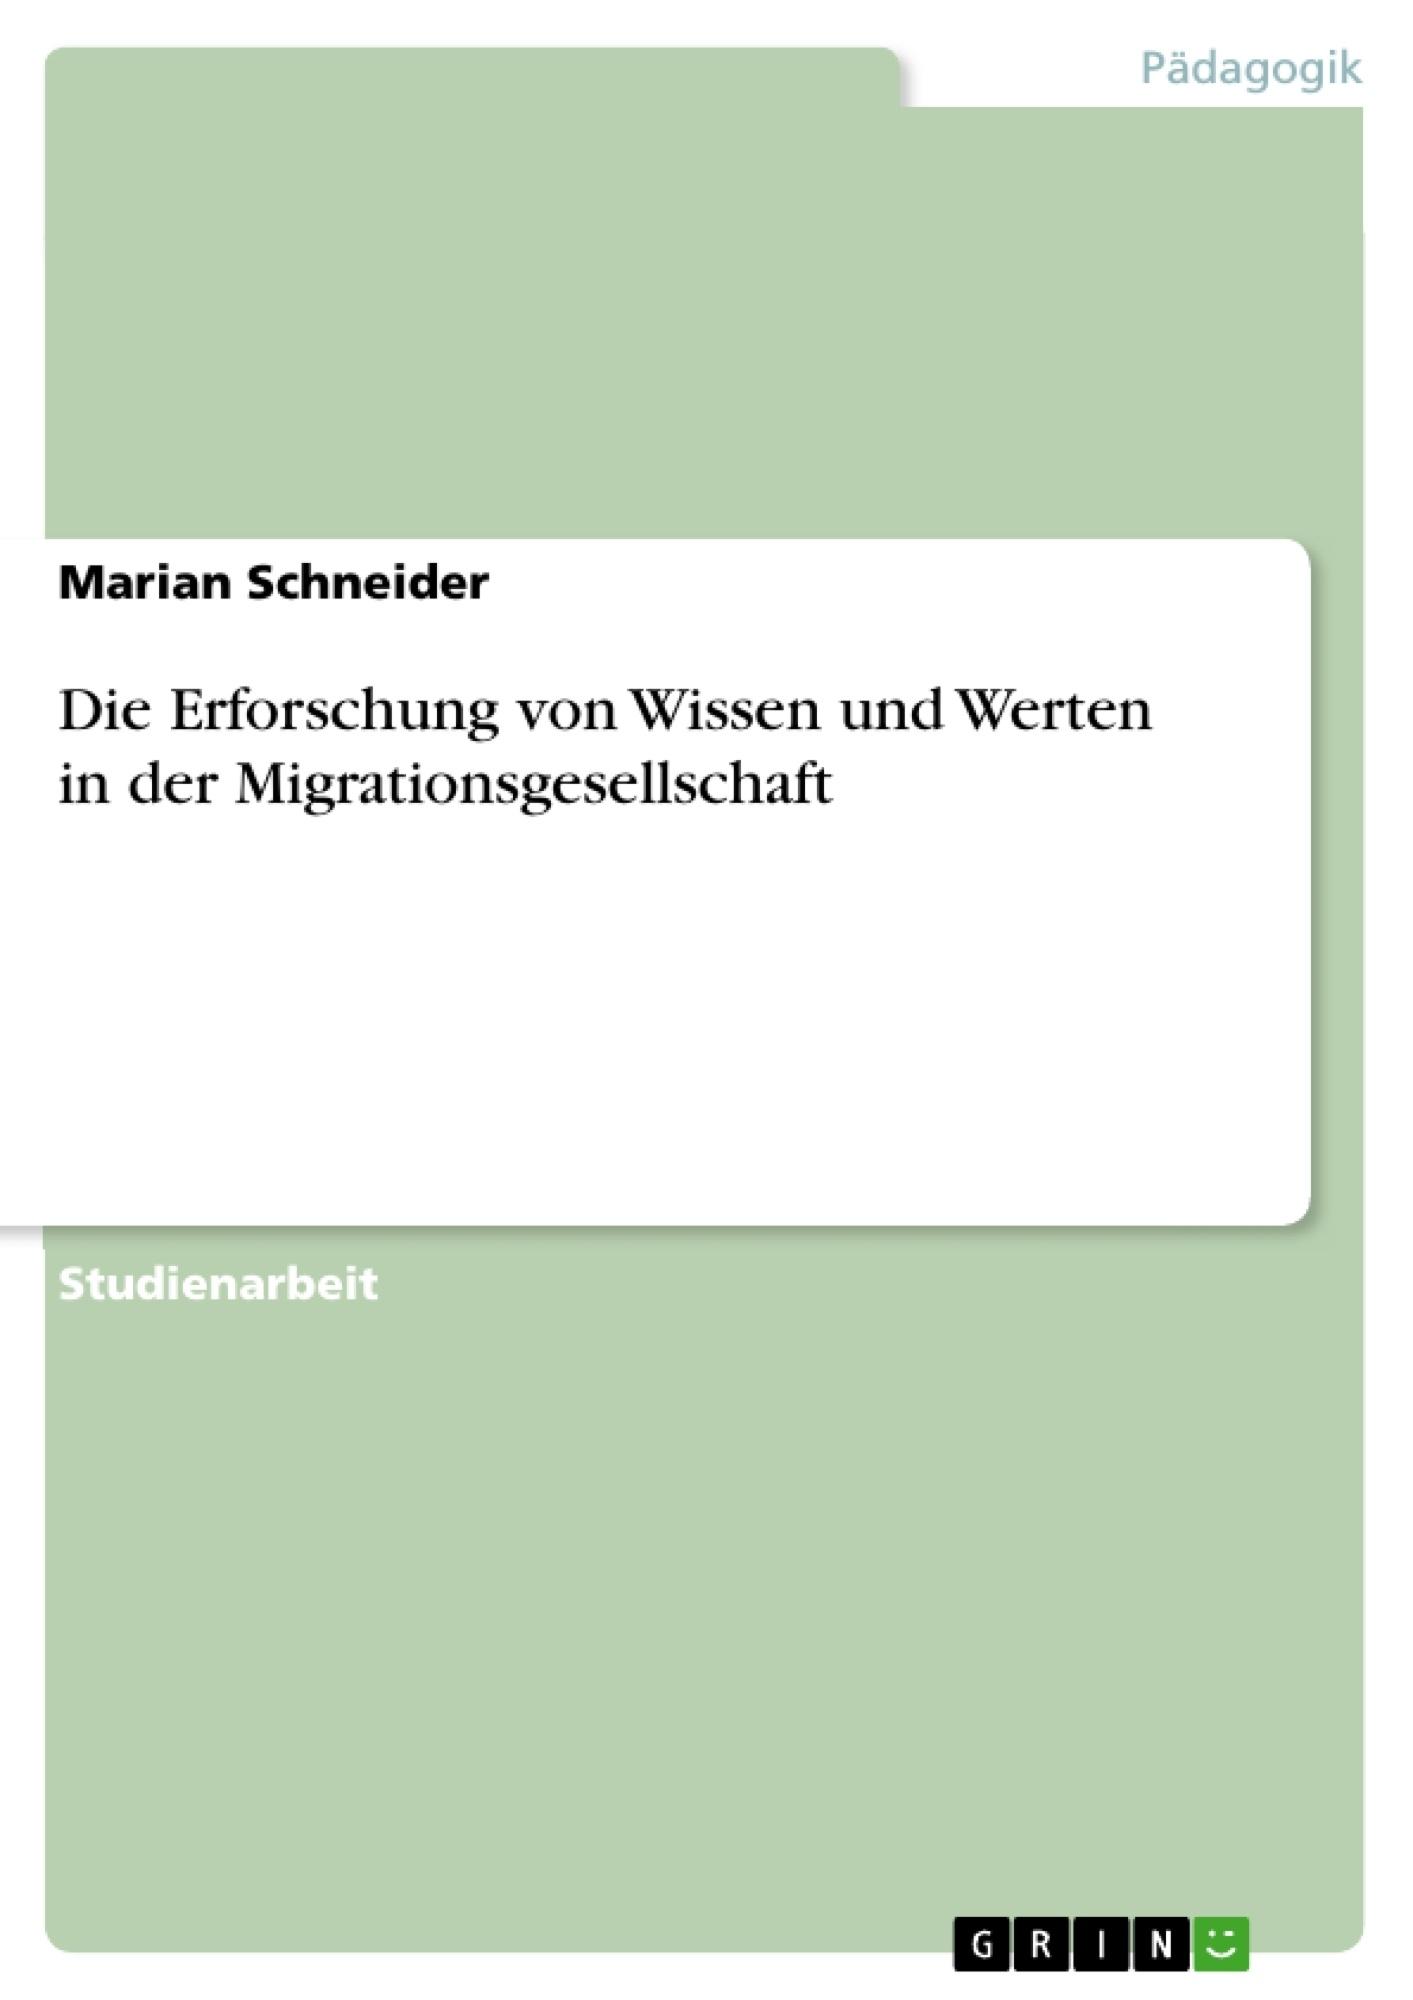 Titel: Die Erforschung von Wissen und Werten in der Migrationsgesellschaft